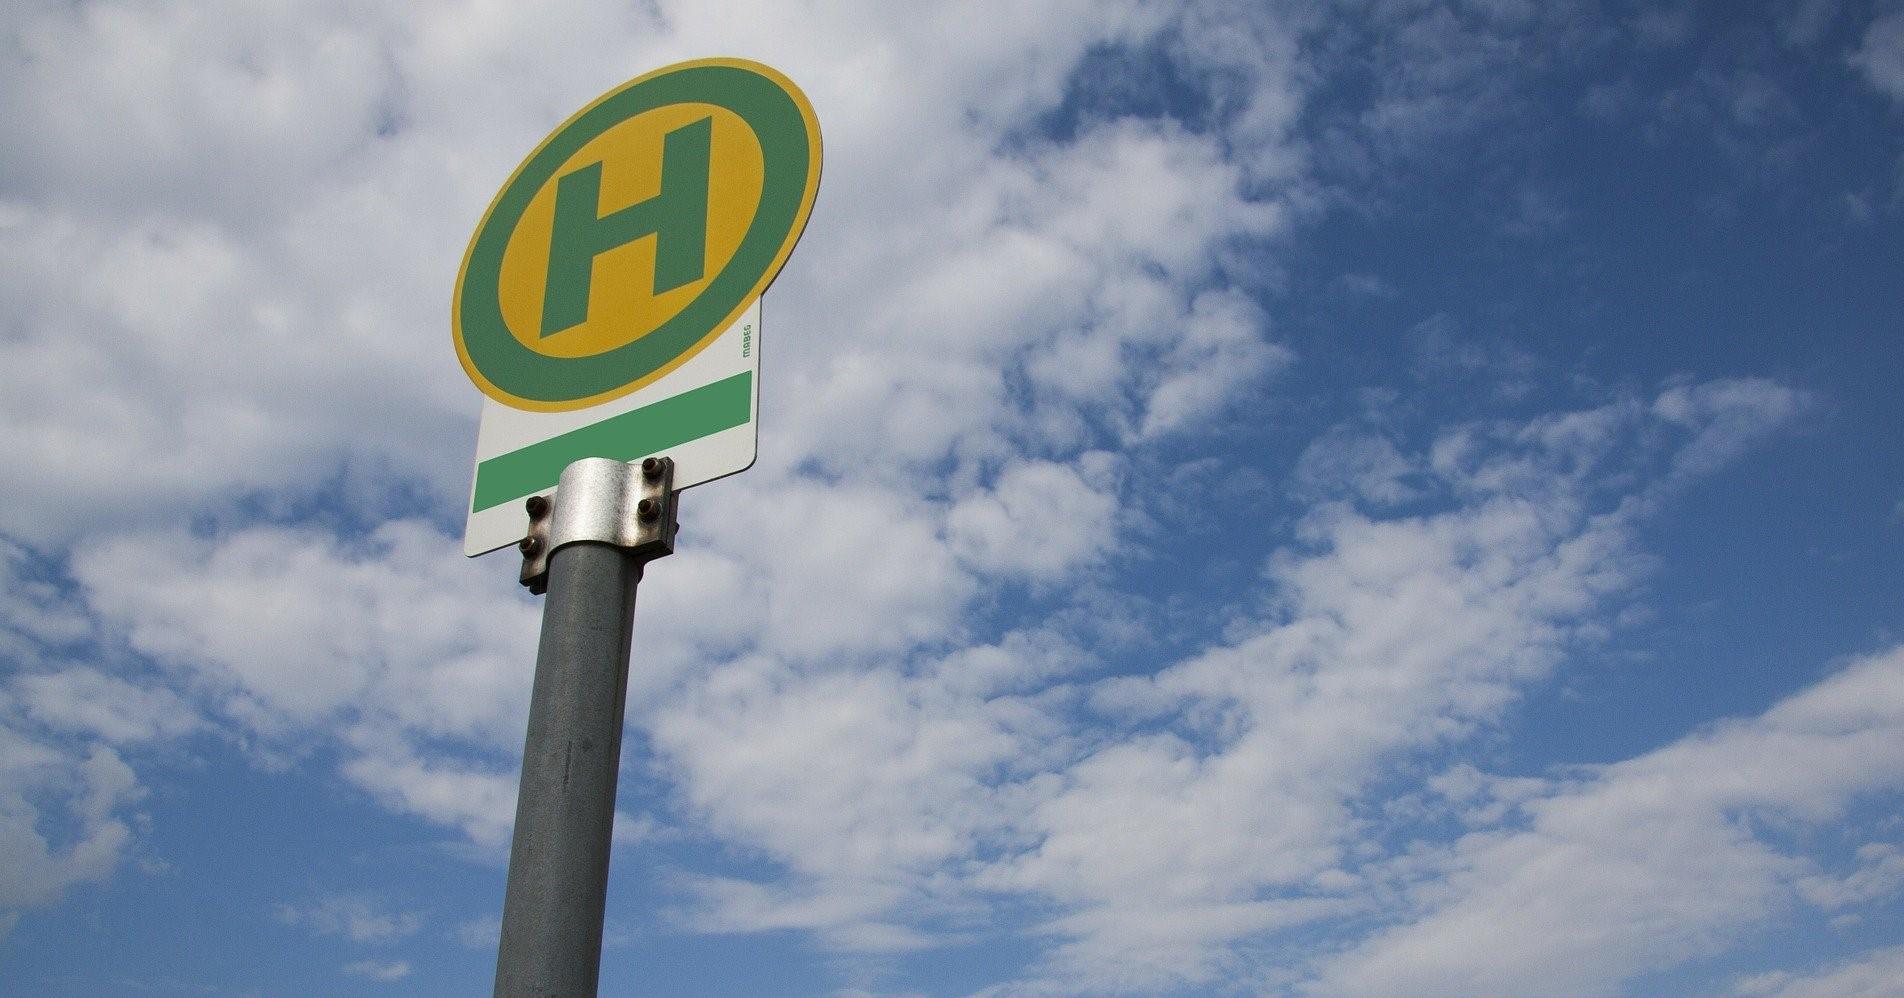 95 Millionen für ÖPNV Bushaltestelle vor blauem Himmel